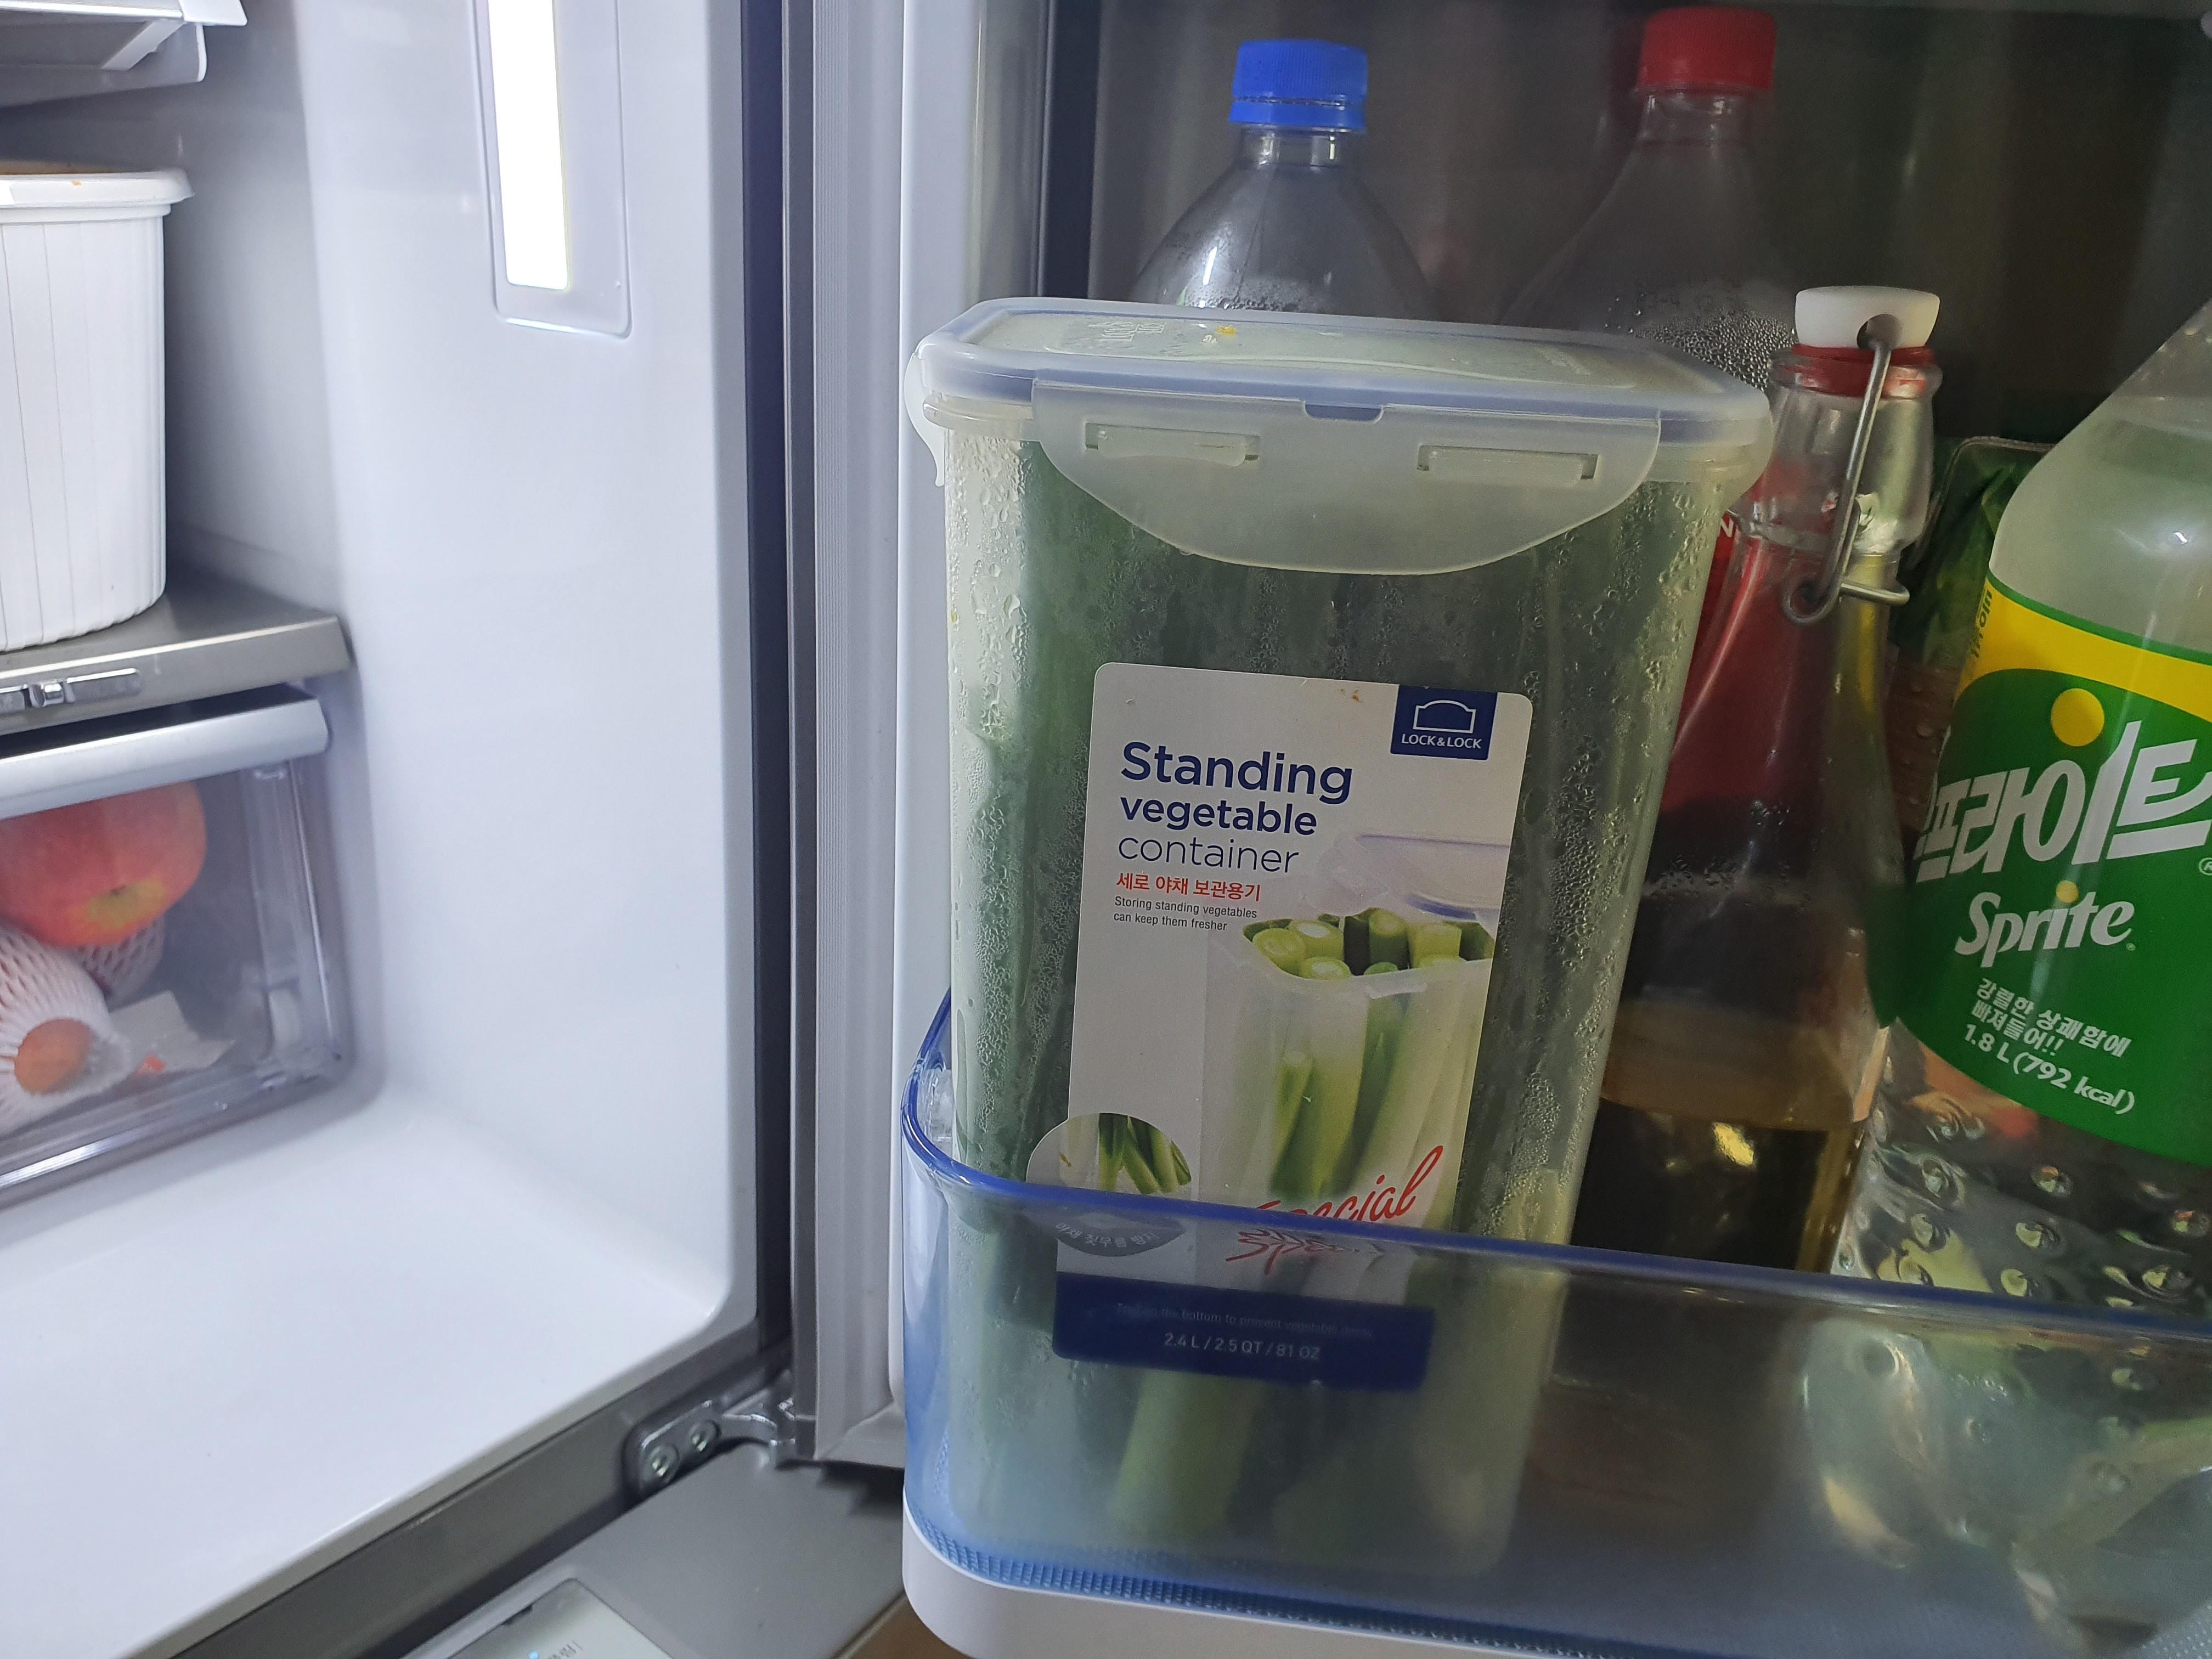 울집 냉장고에서 3년째 살고 있는 락앤락파통